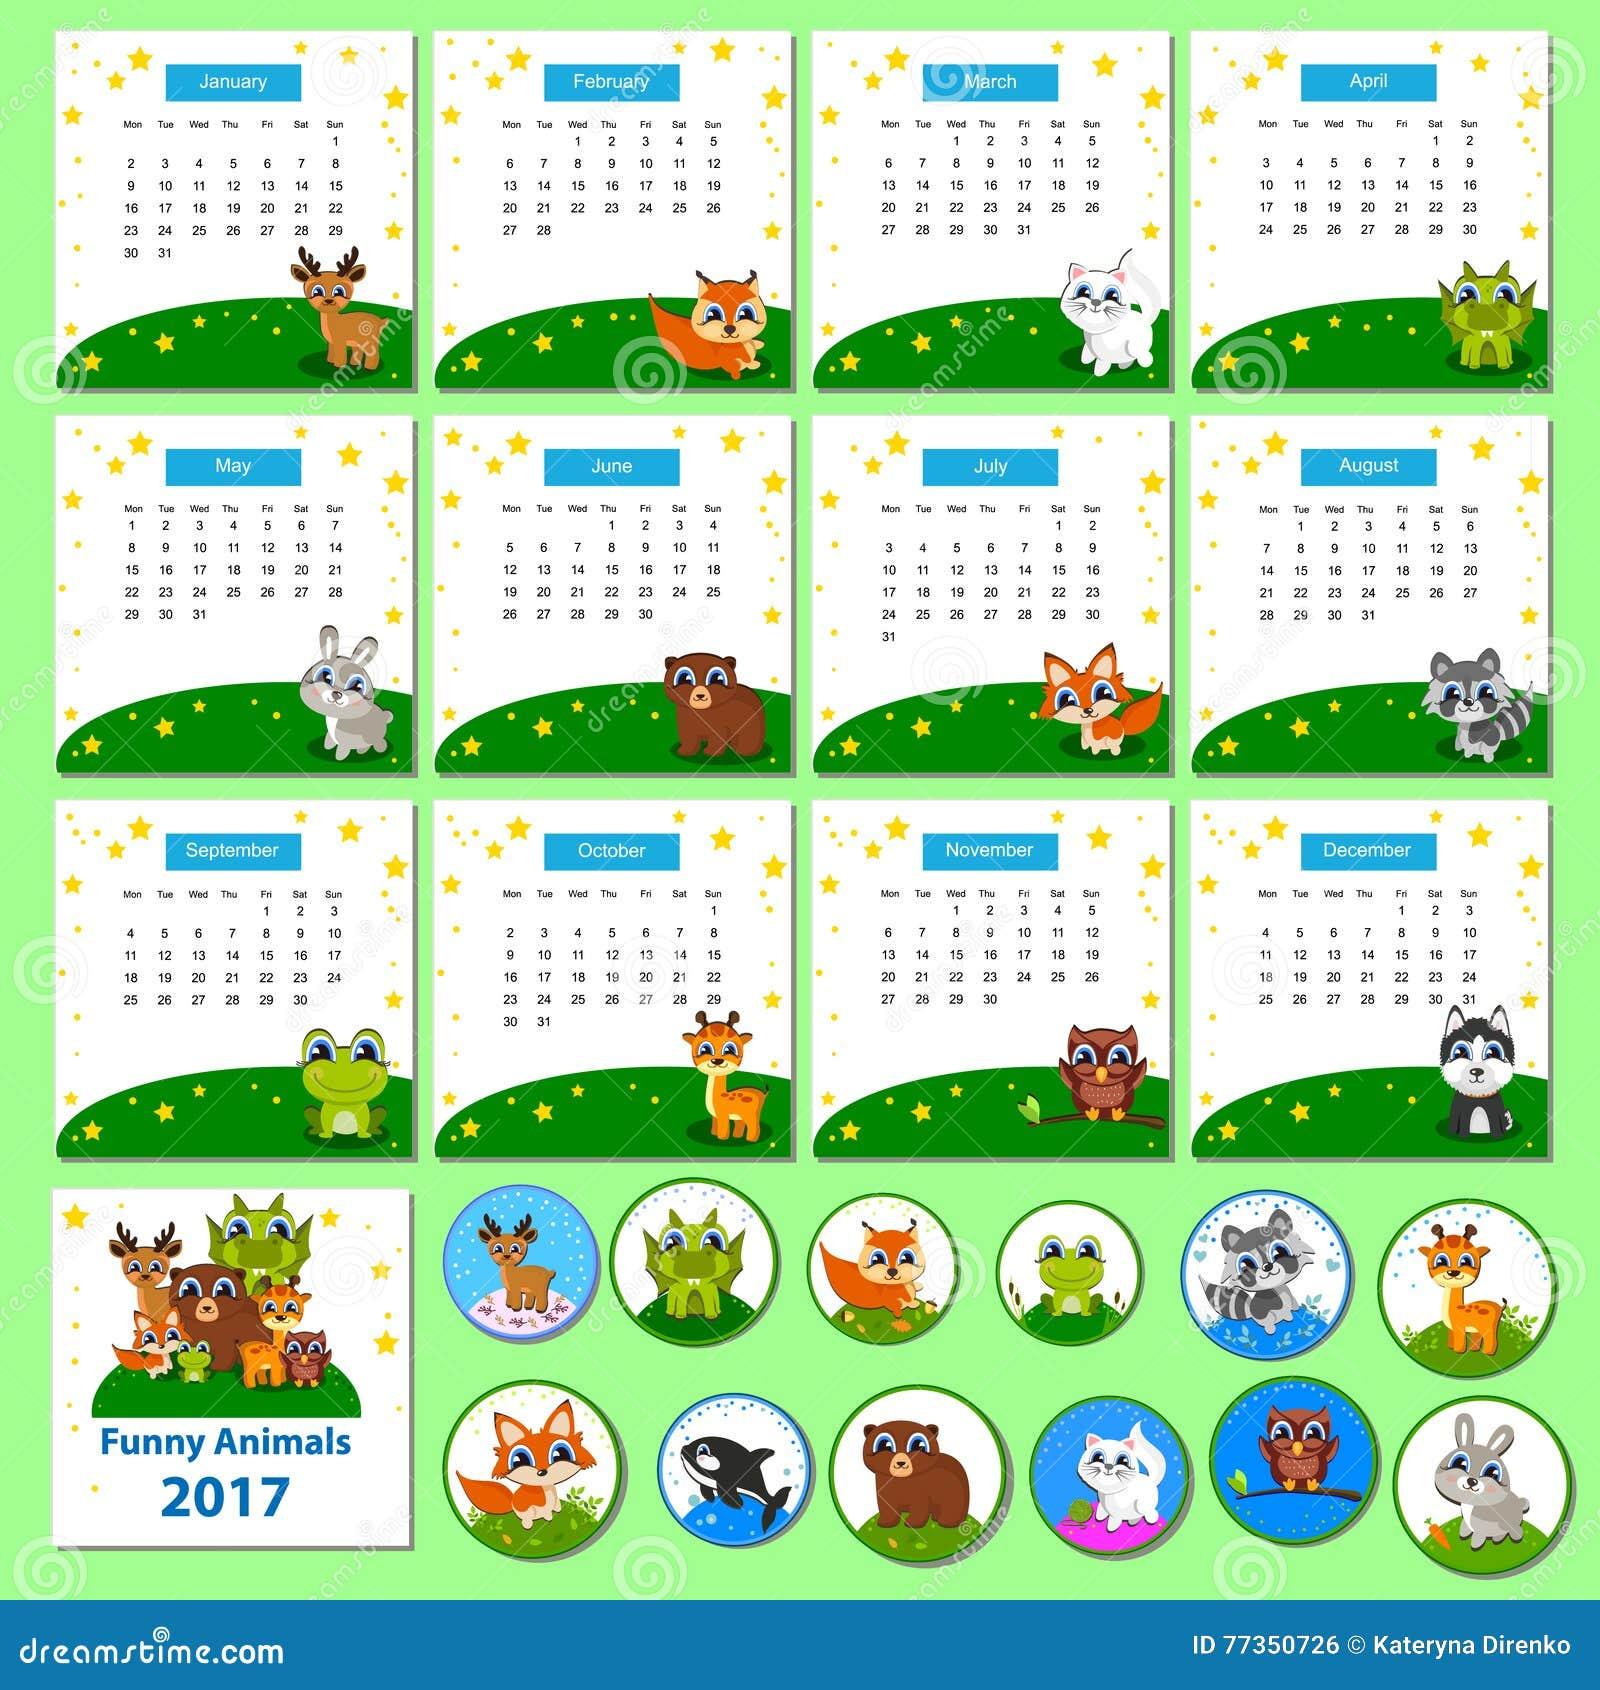 kalender 2017 mit lustigen karikaturtieren vektor. Black Bedroom Furniture Sets. Home Design Ideas